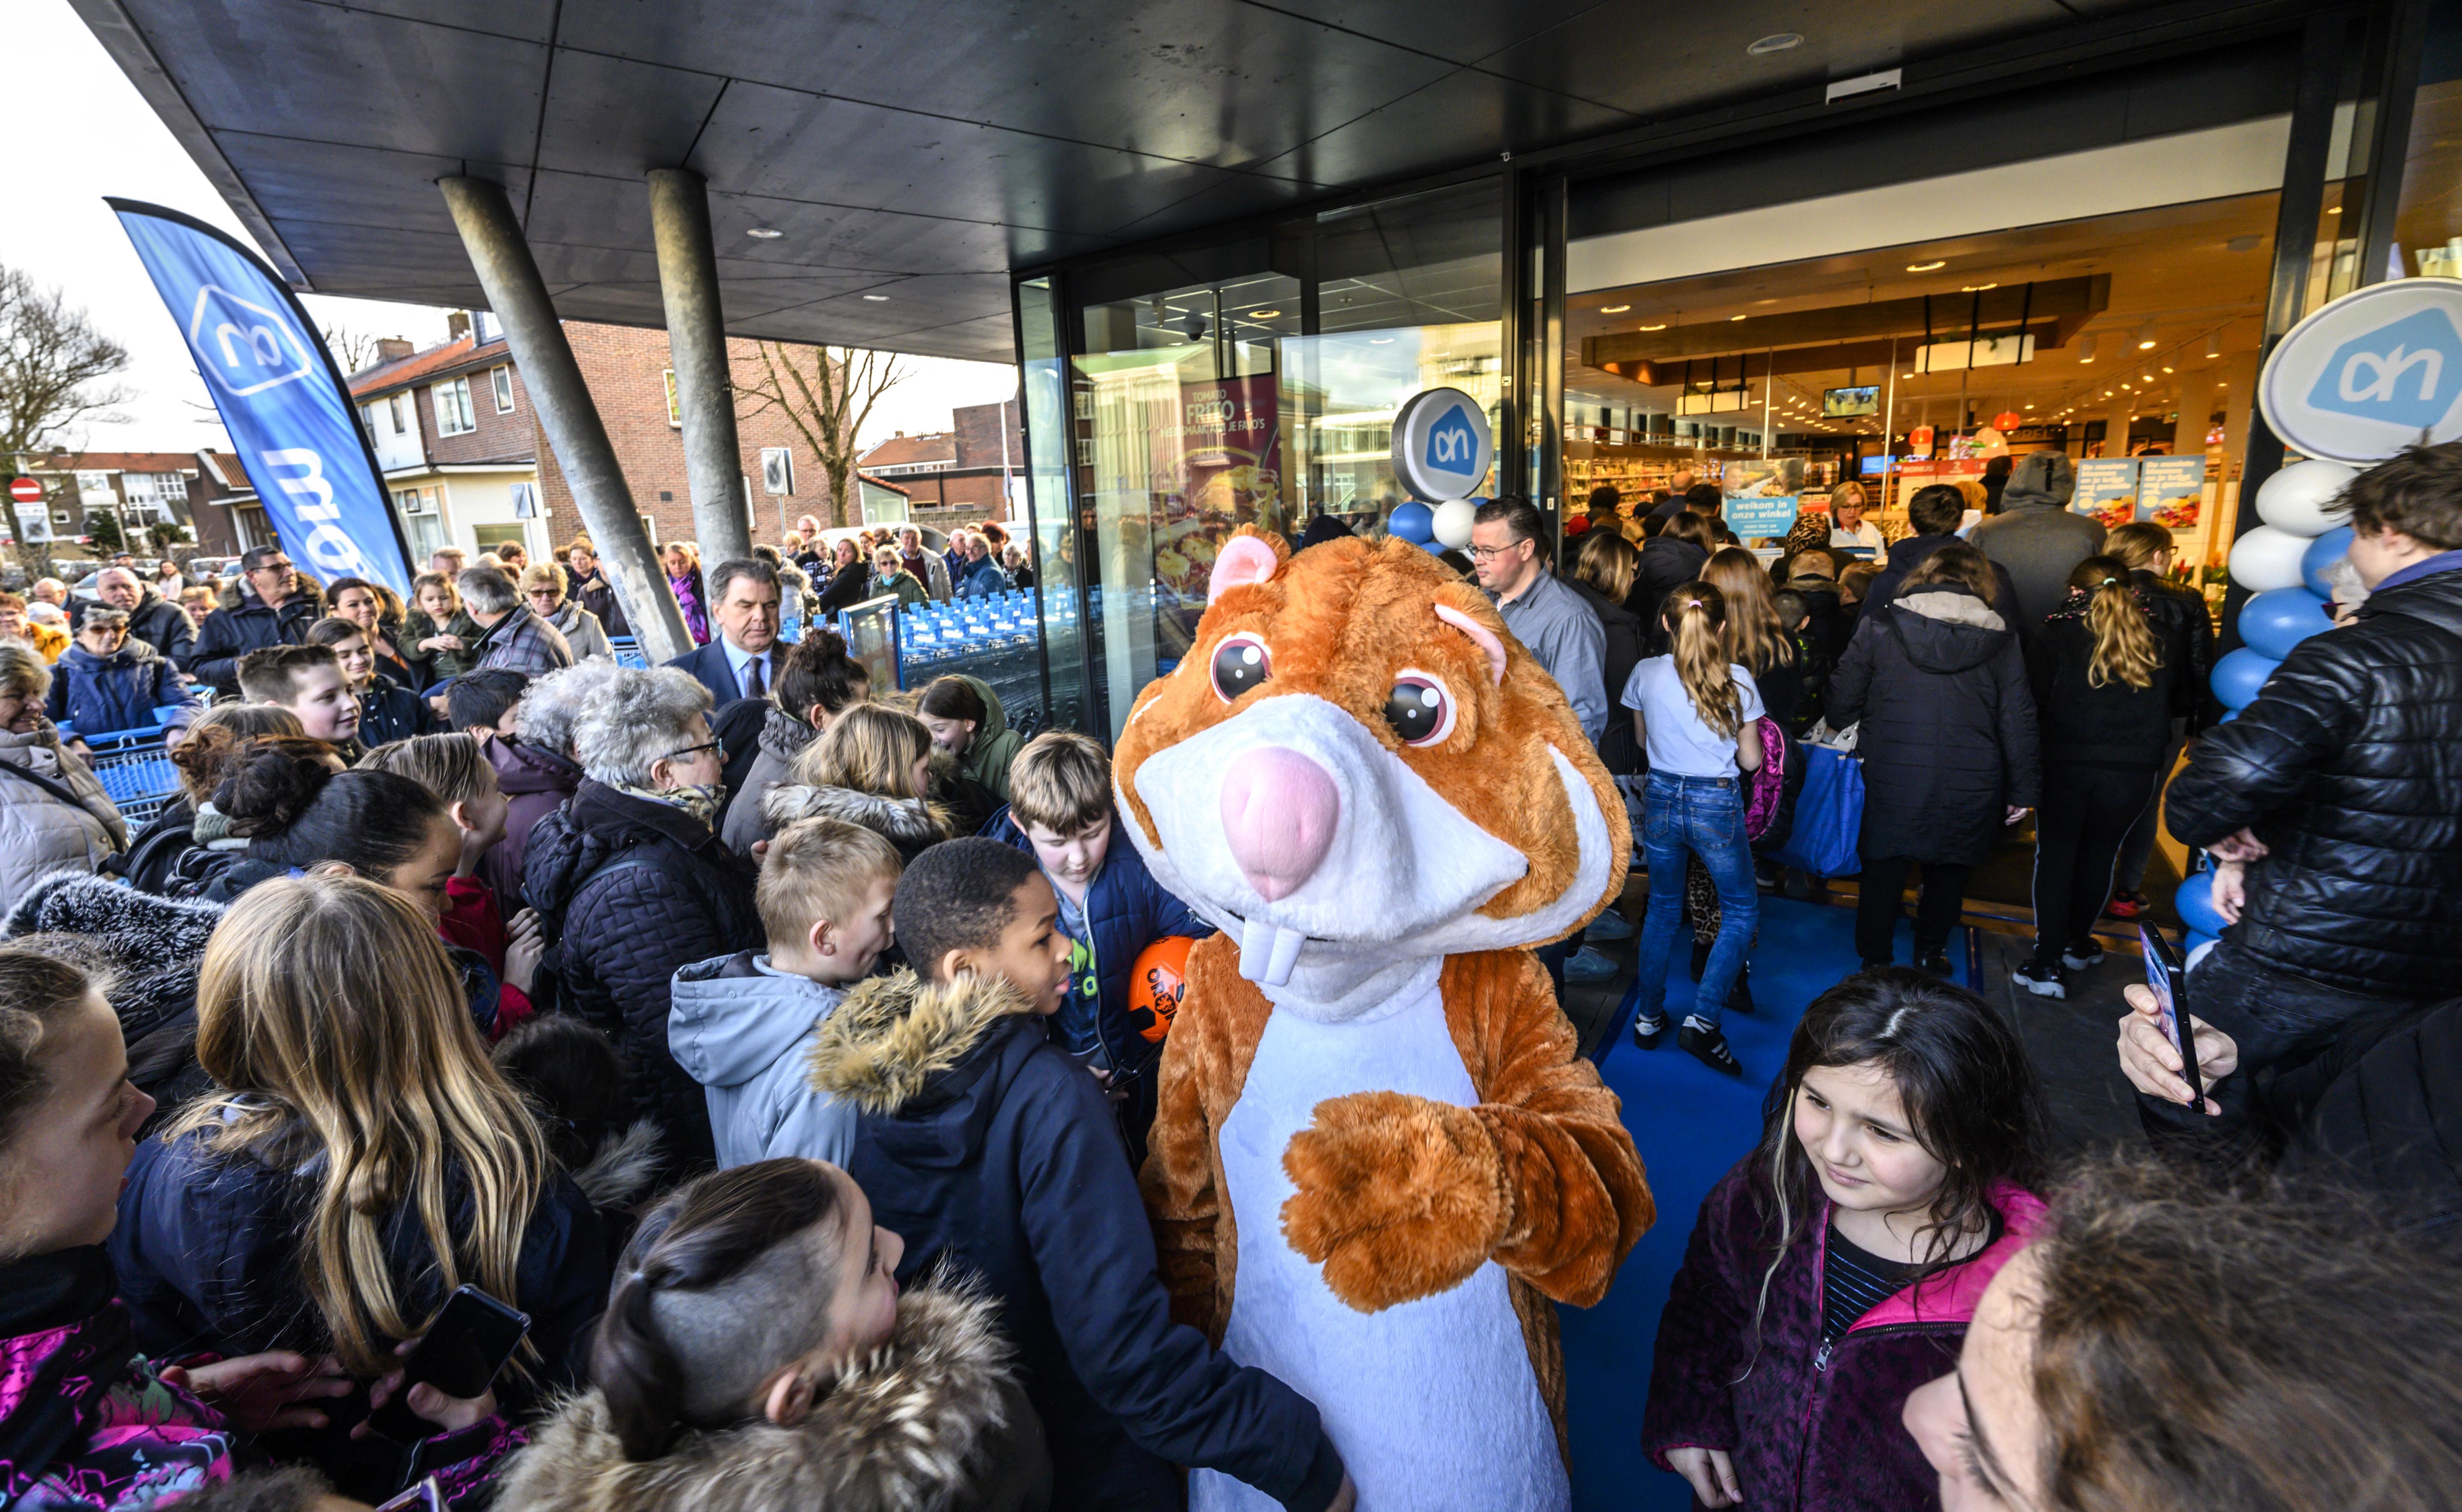 Albert Heijn in IJmuiden na verbouwing weer open. Meer ruimte, meer producten en droge mist over verse groenten